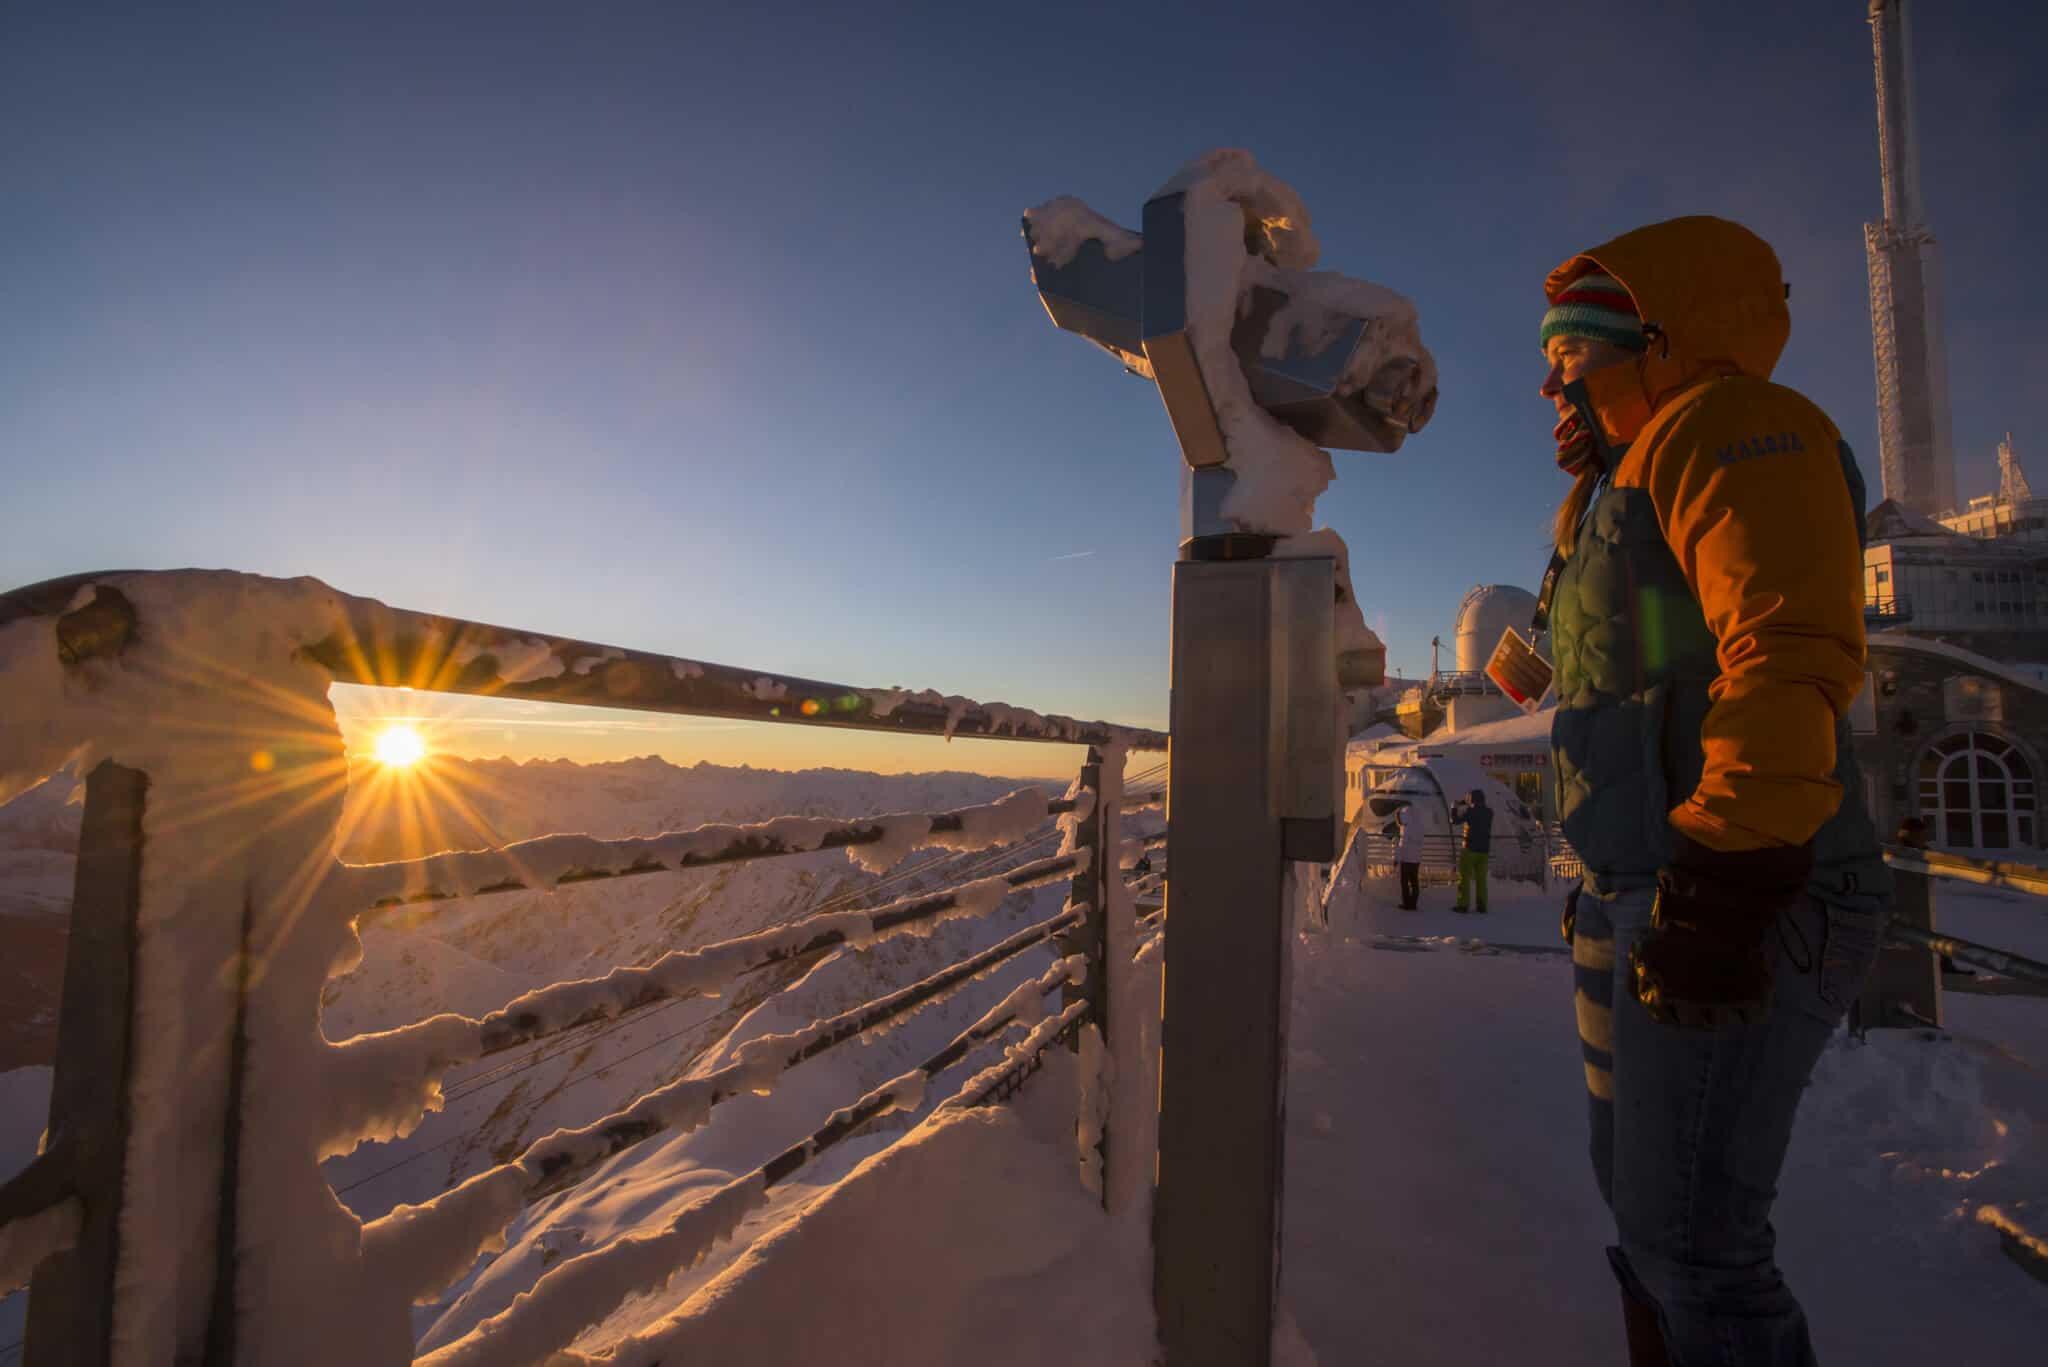 Le Pic du Midi : sommet mythique